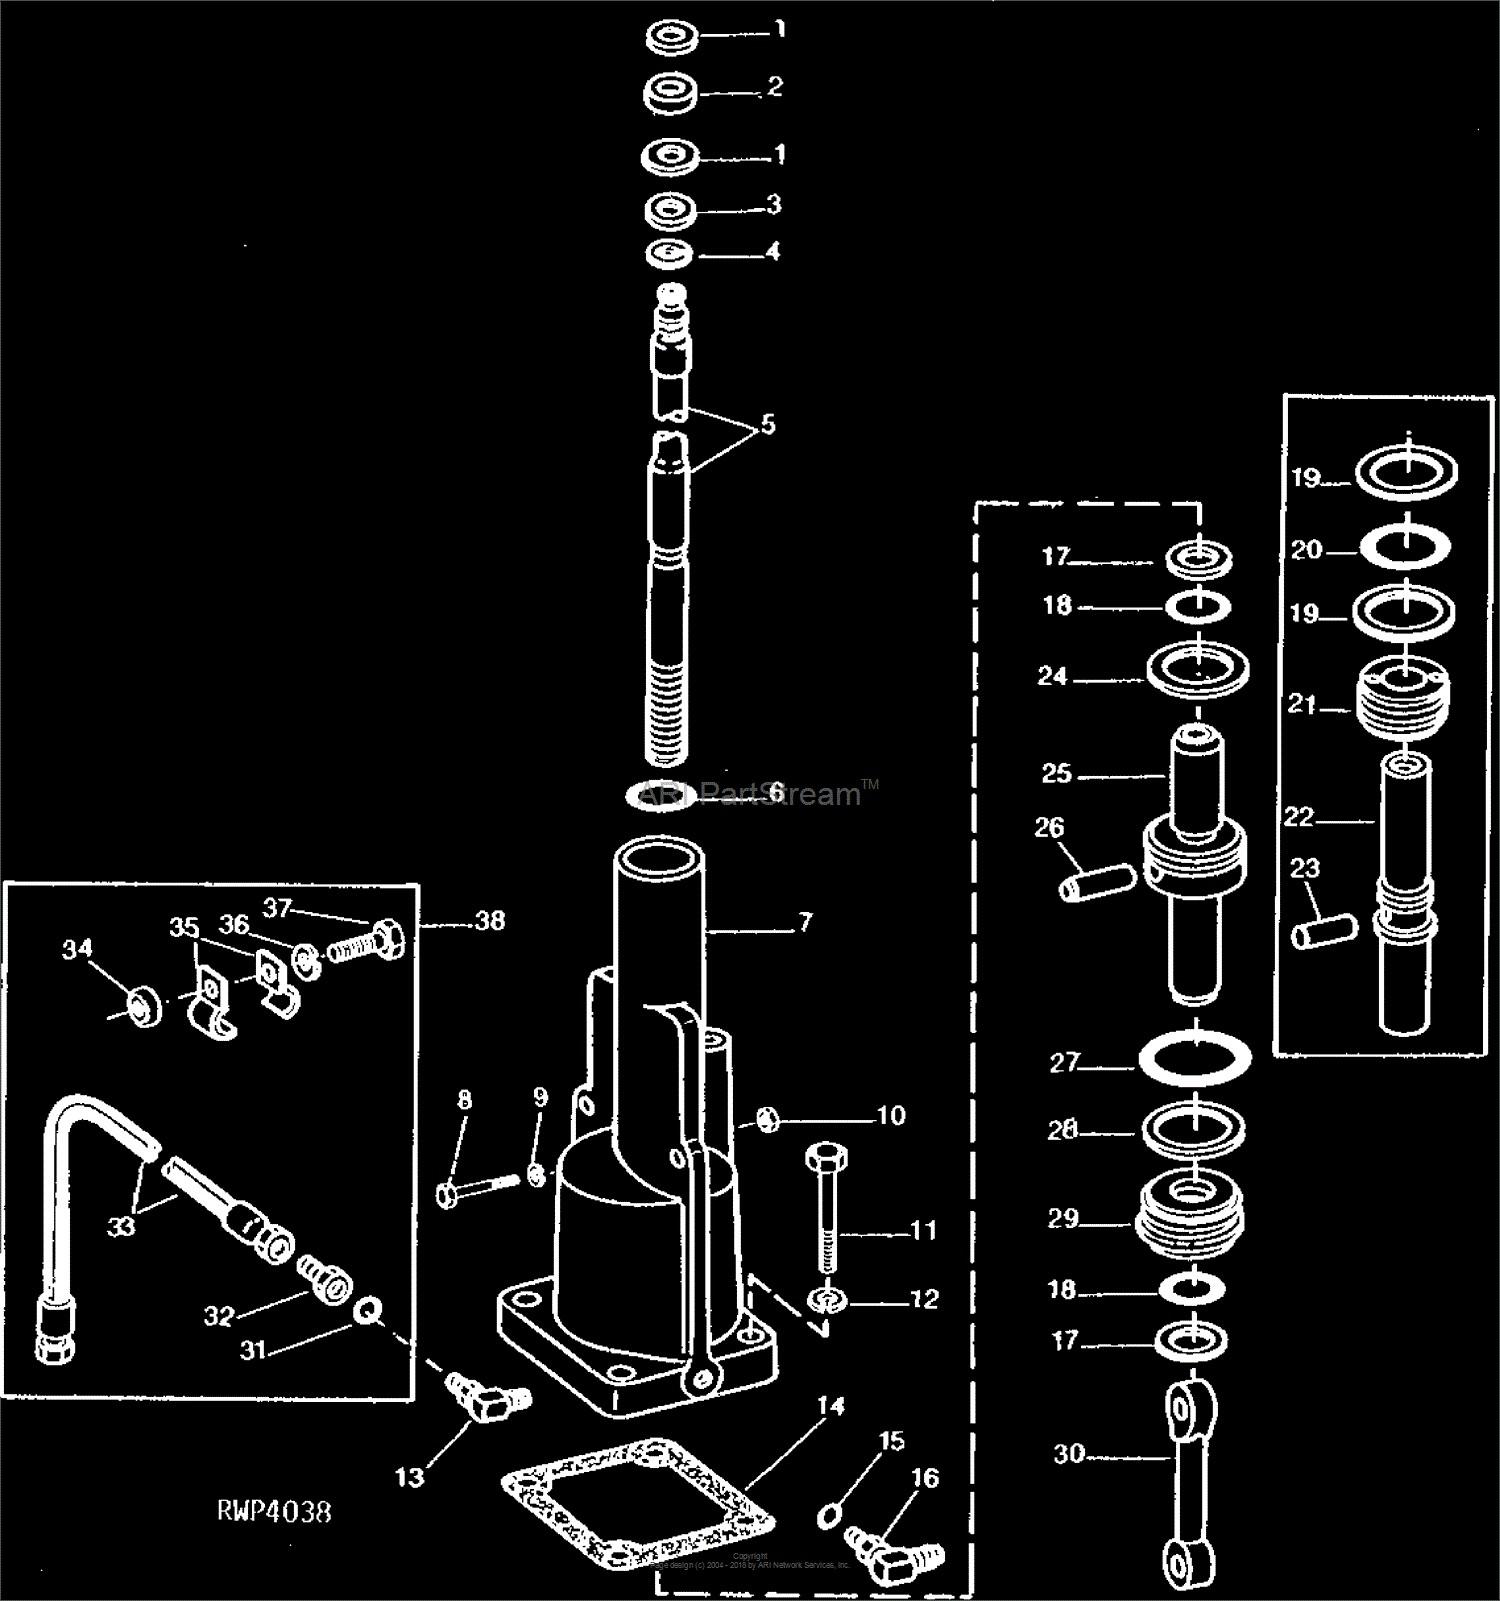 Power Steering Line Diagram John Deere Parts Diagrams John Deere 2030 Tractor Pc1289 Power Of Power Steering Line Diagram